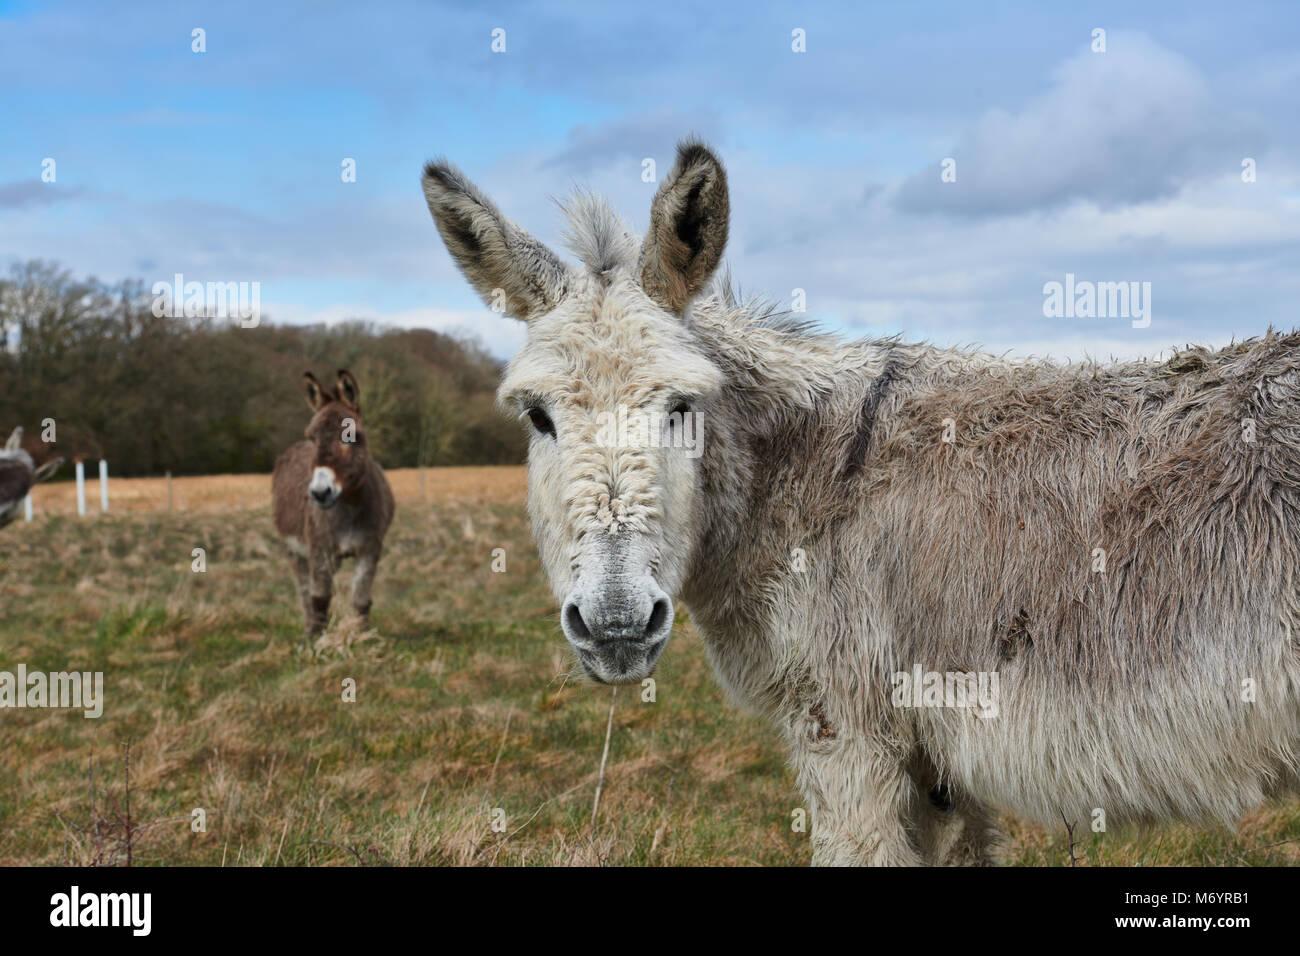 Un par de burros en un campo en el área de New Forest, el burro delantero está mirando directamente hacia Imagen De Stock